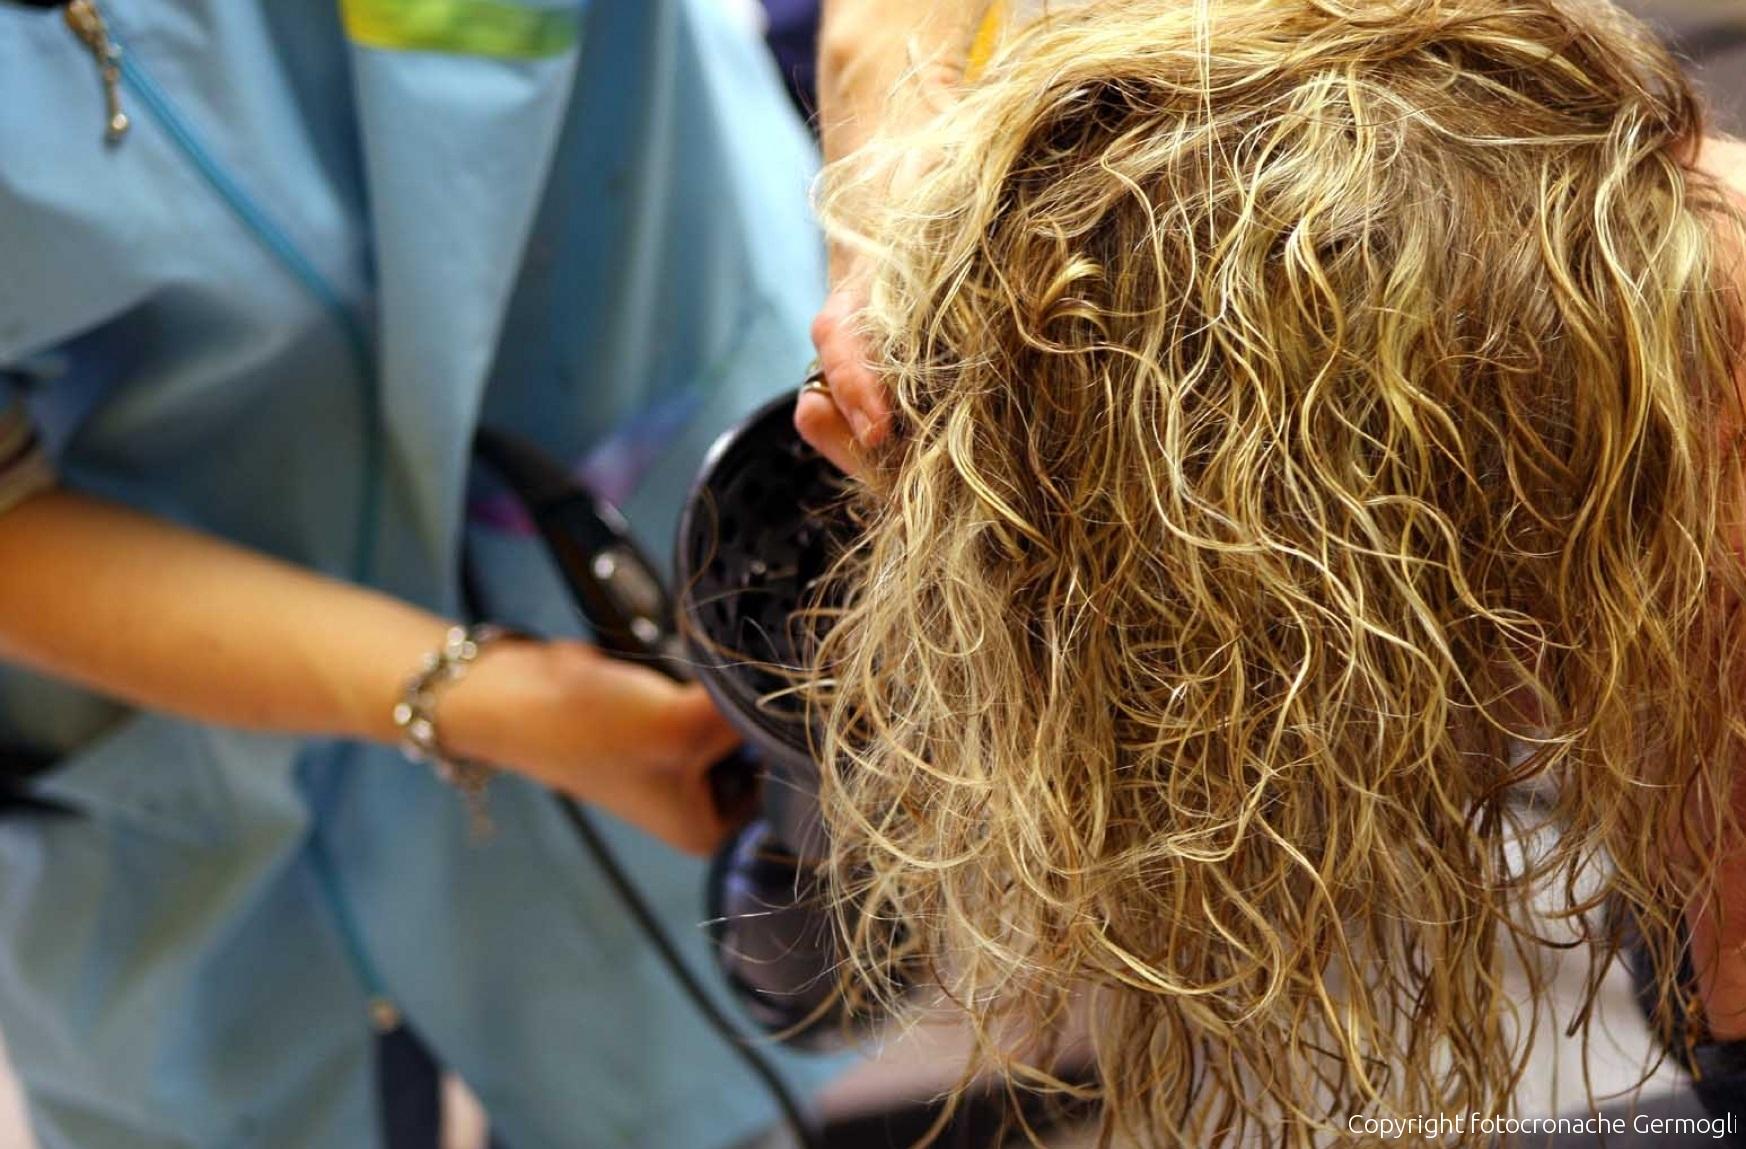 Signa: ustionata dal parrucchiere cinese, denunciato